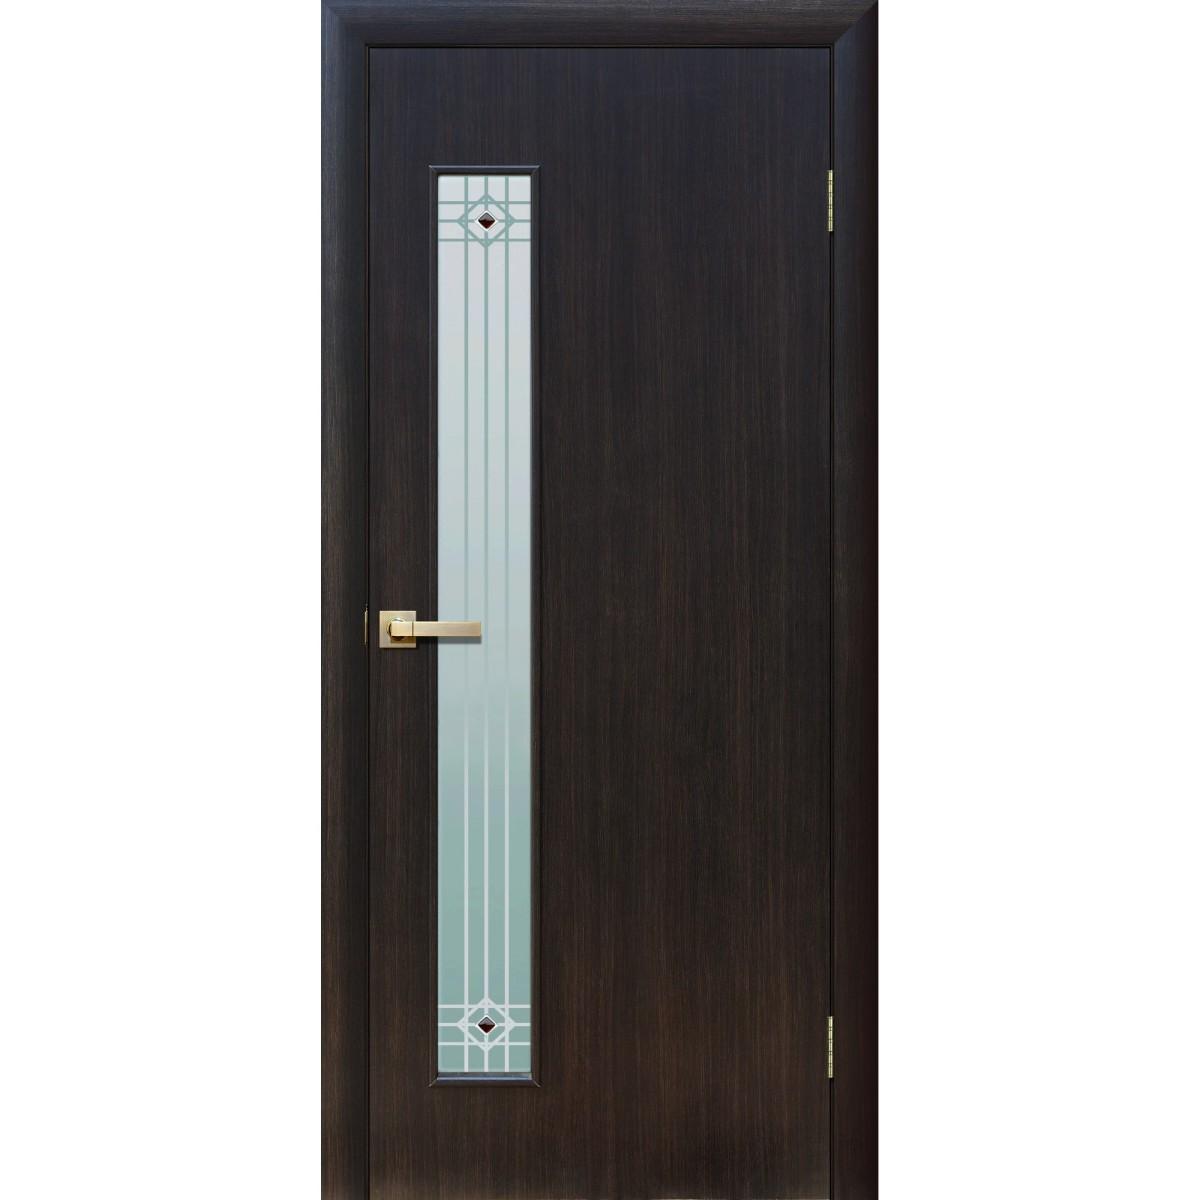 Дверь межкомнатная остеклённая Стандарт 90x200 см ламинация цвет дуб феррара